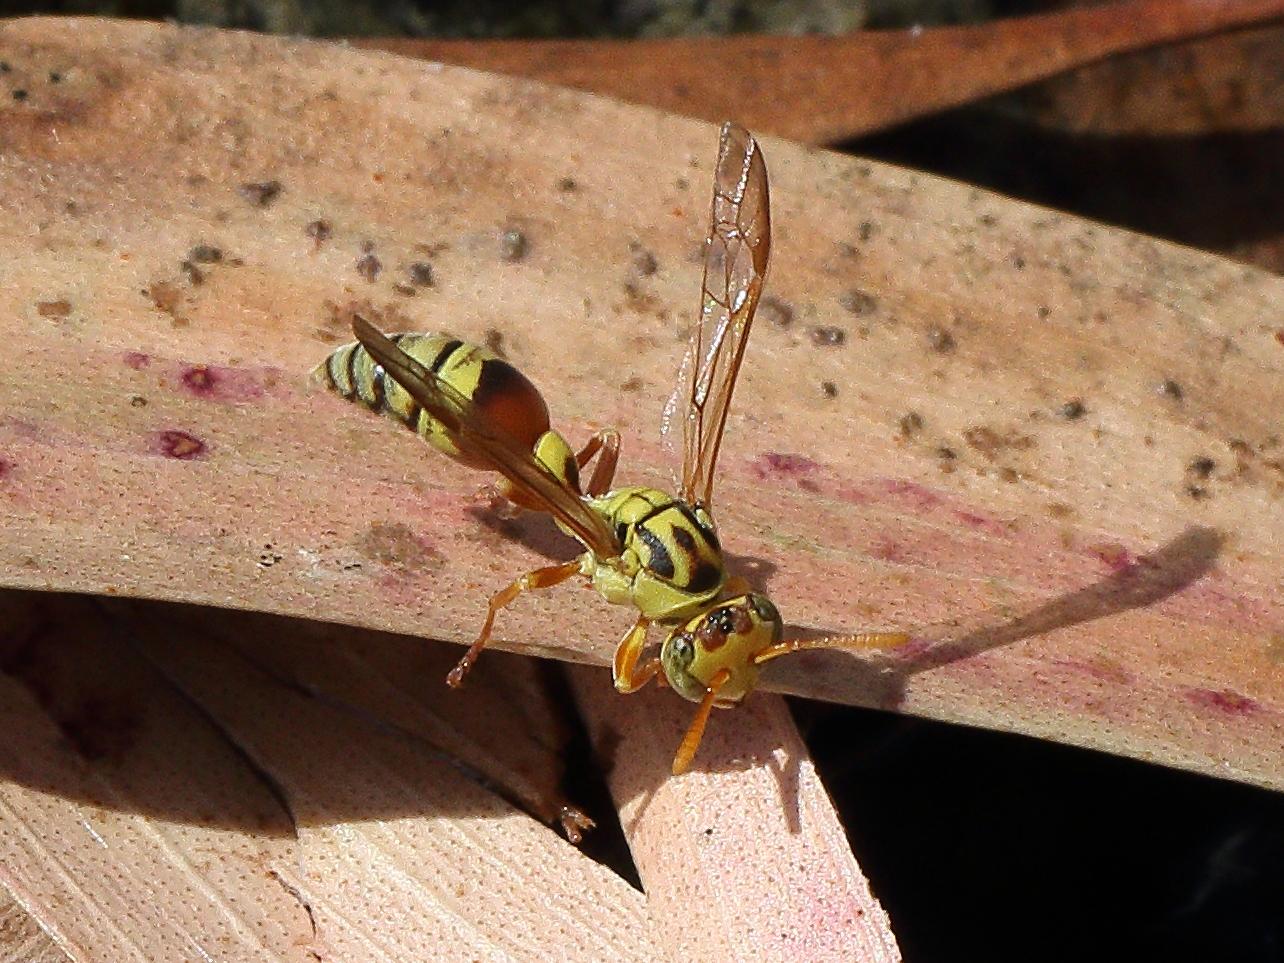 Bộ sưu tập côn trùng 2 - Page 15 Ropalidia_romandi_7283